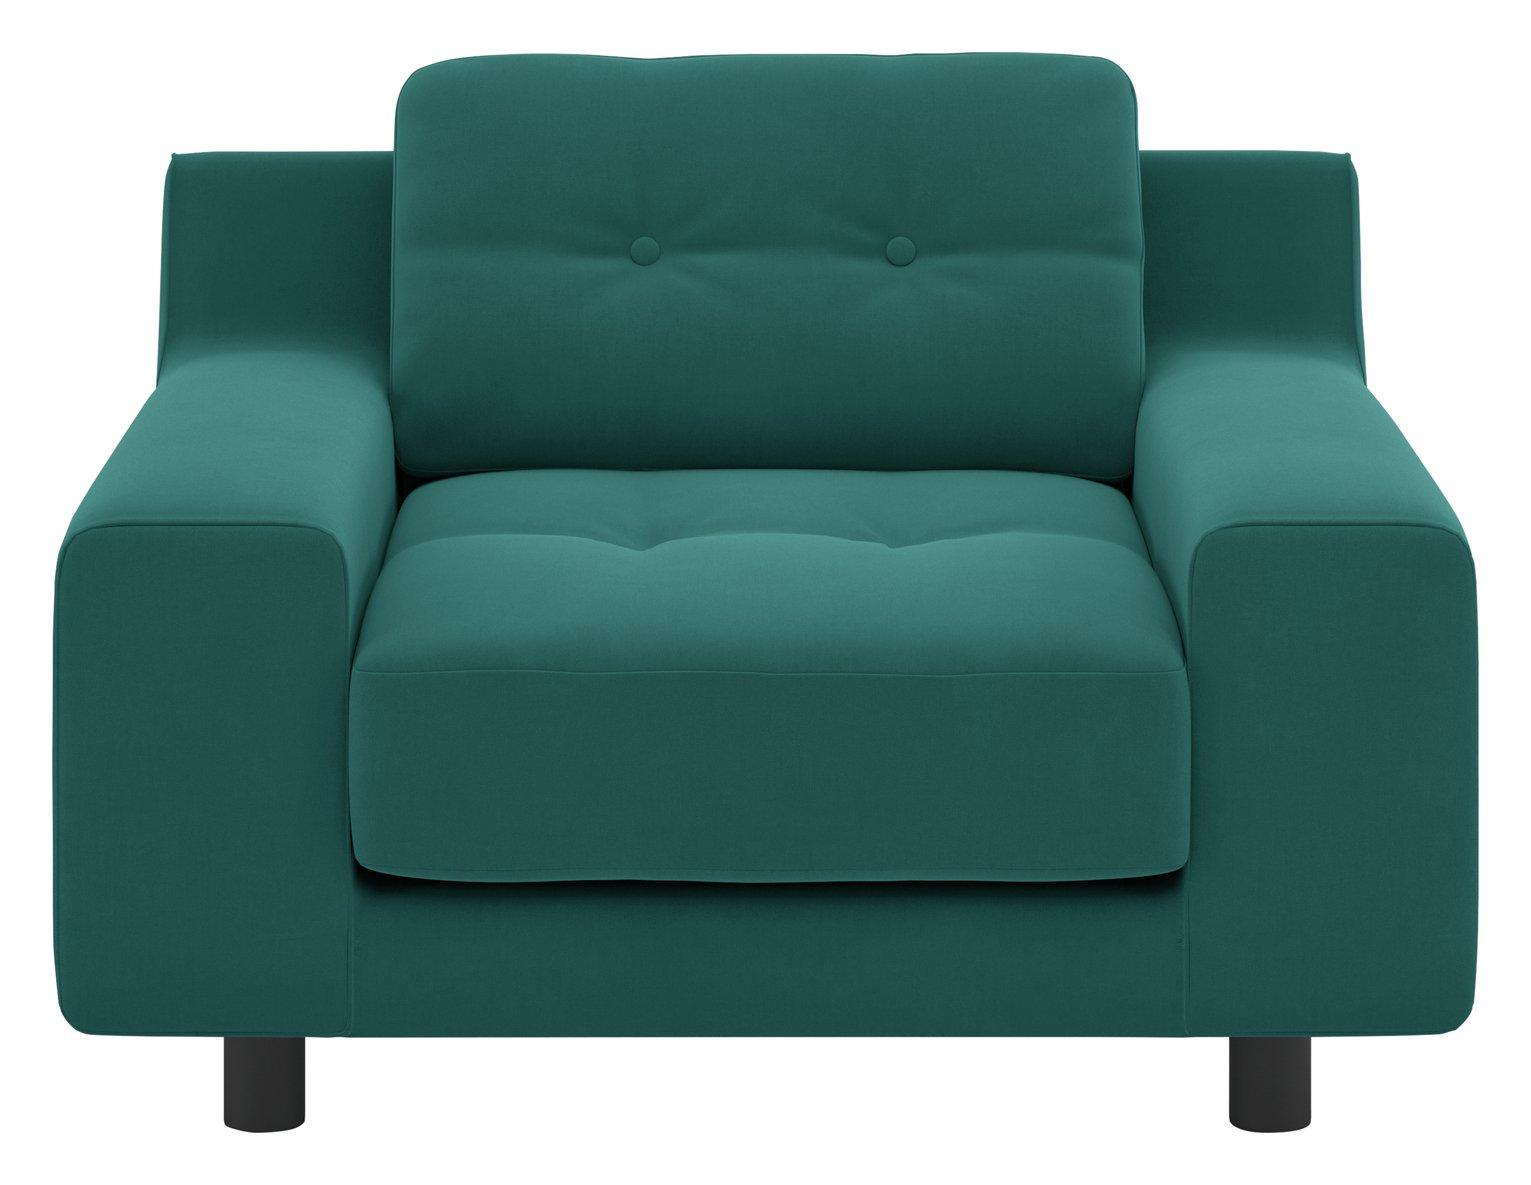 Habitat Hendricks Velvet Armchair - Teal